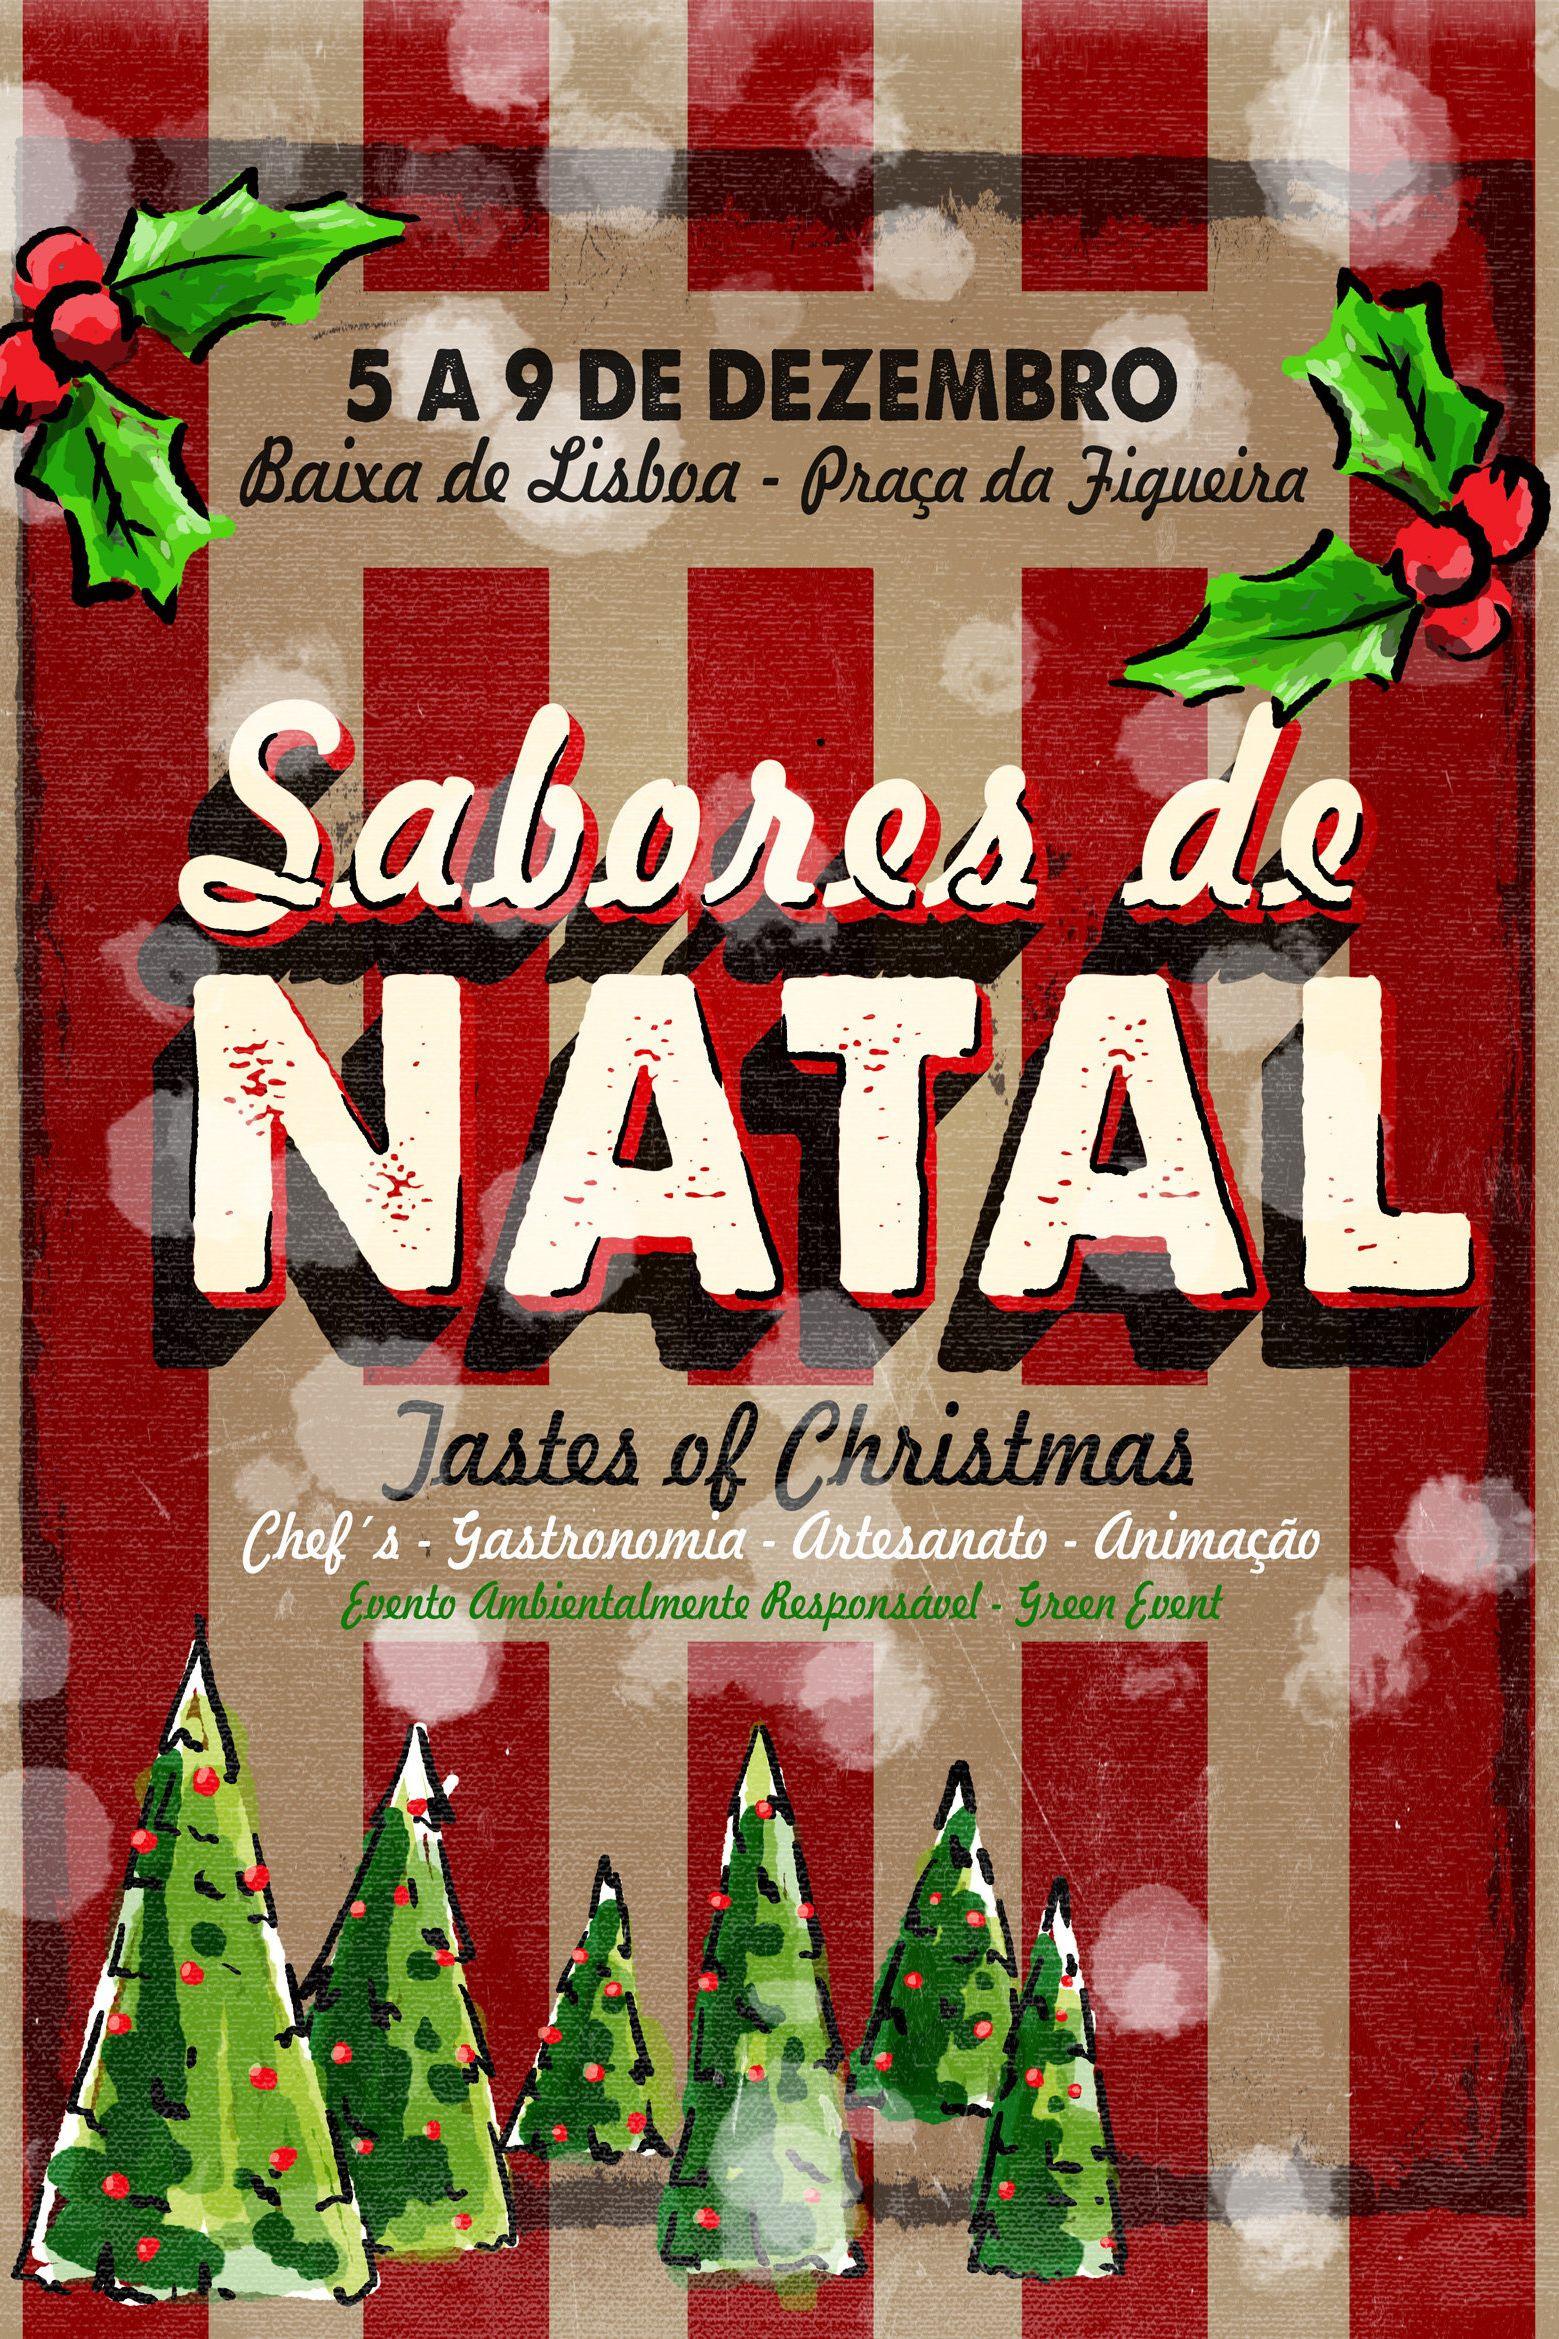 Venha visitar o Mercado Sabores de Natal na Baixa de Lisboa